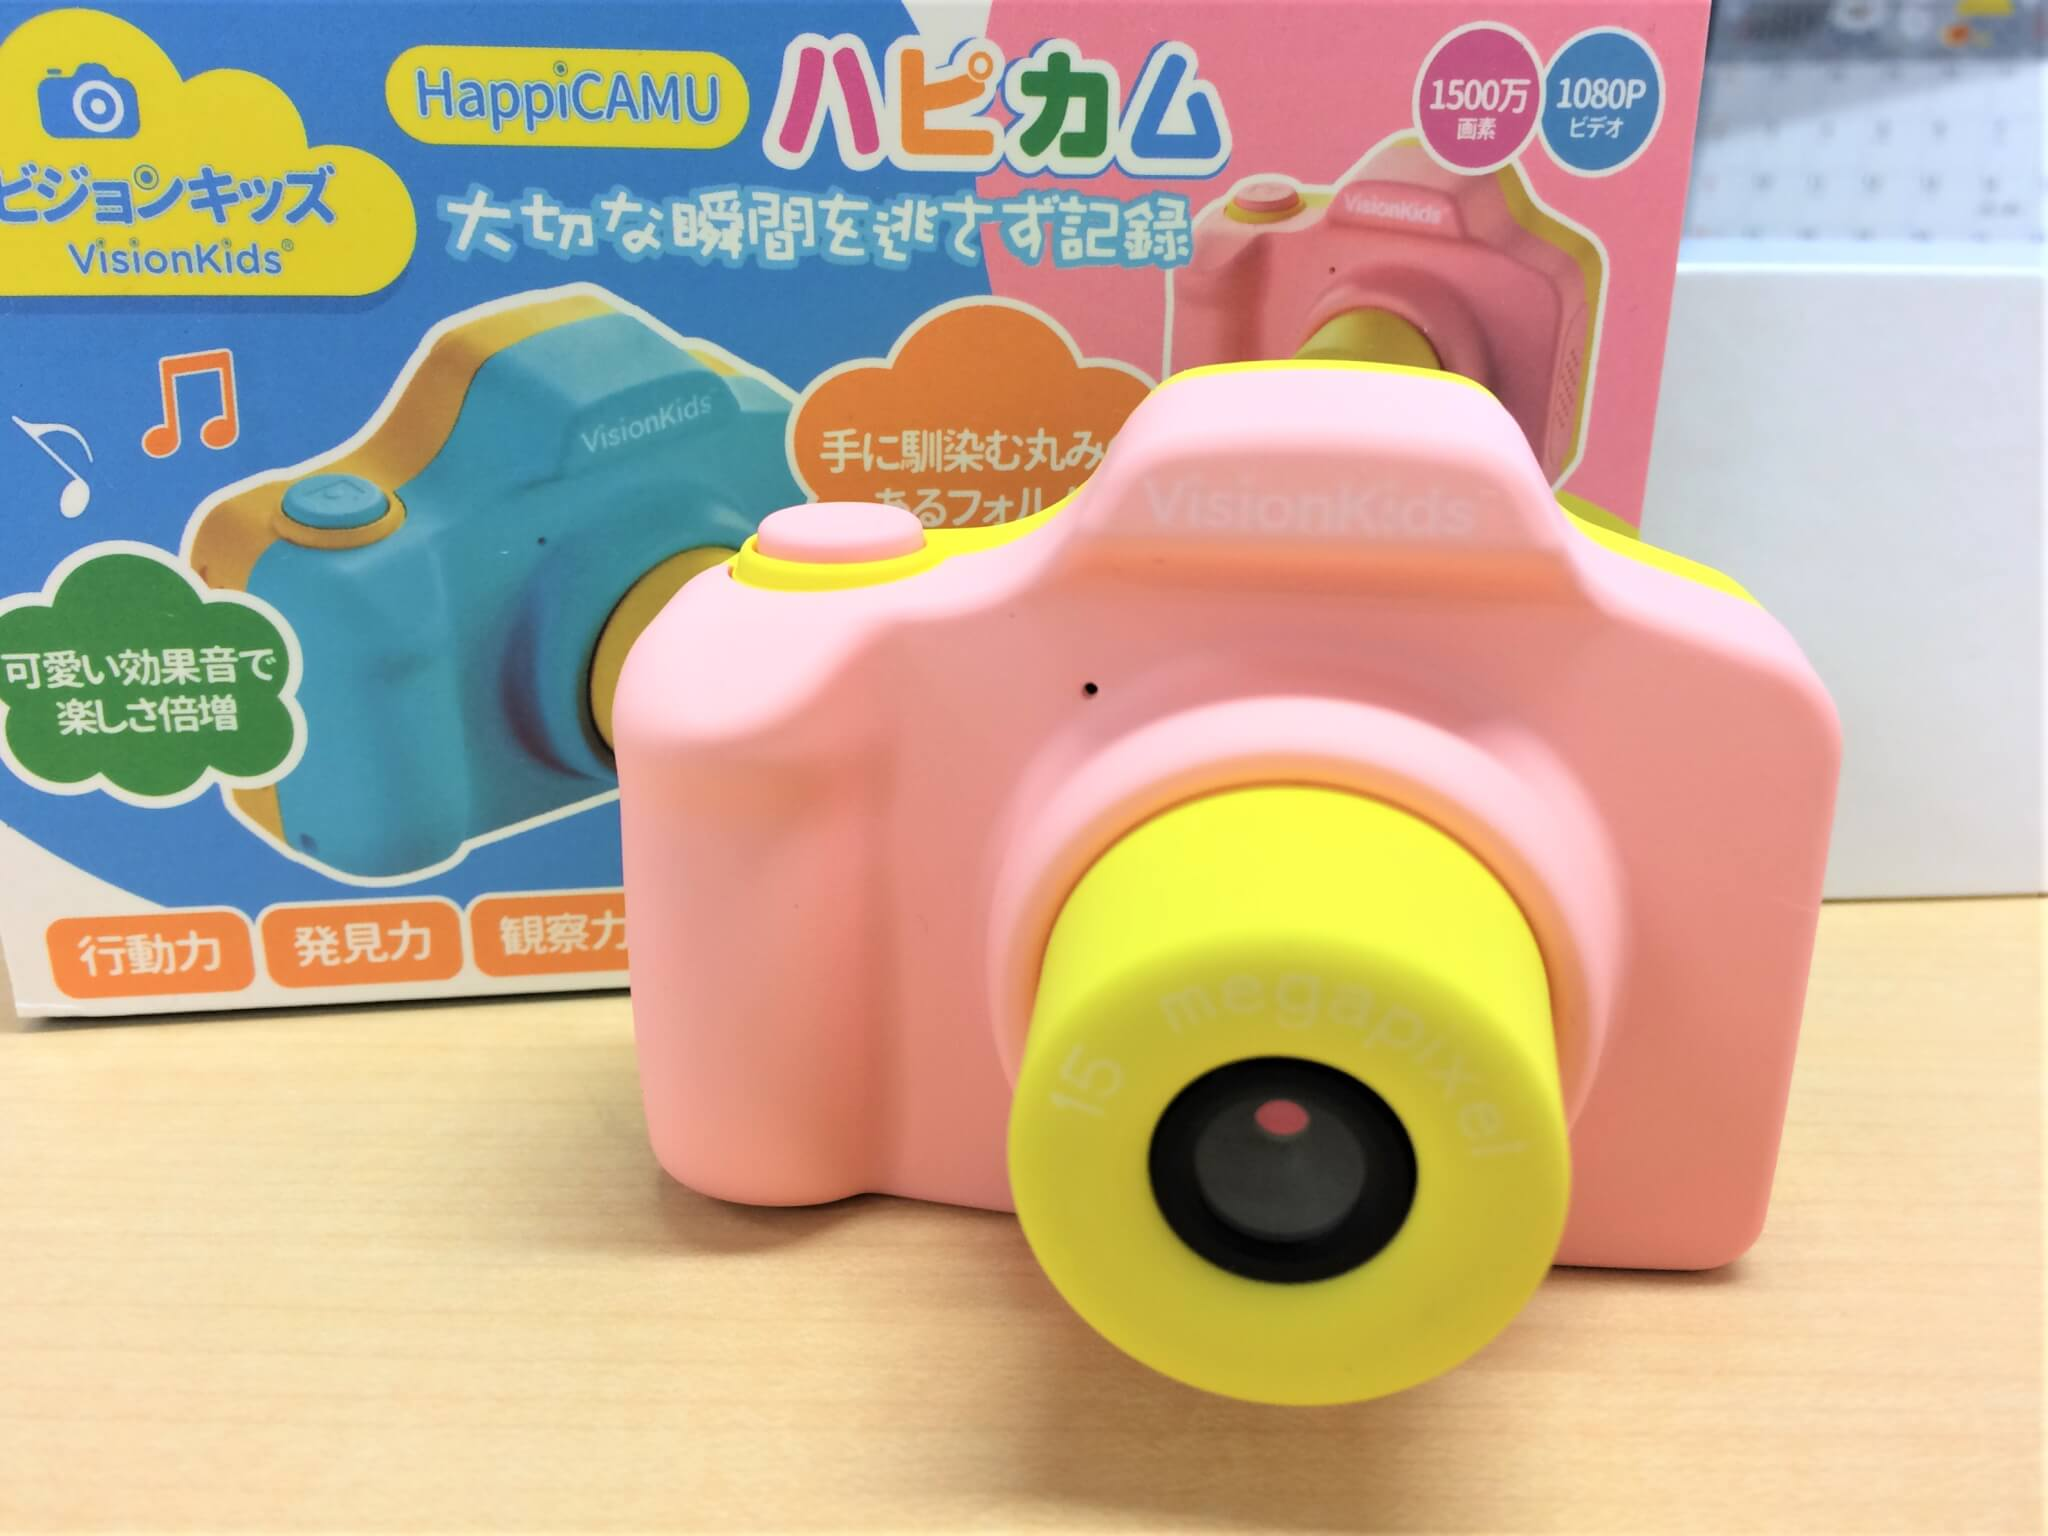 本格派子ども用カメラ「HappiCAMU ハピカム」を紹介!かわいいだけじゃないその実力とは?